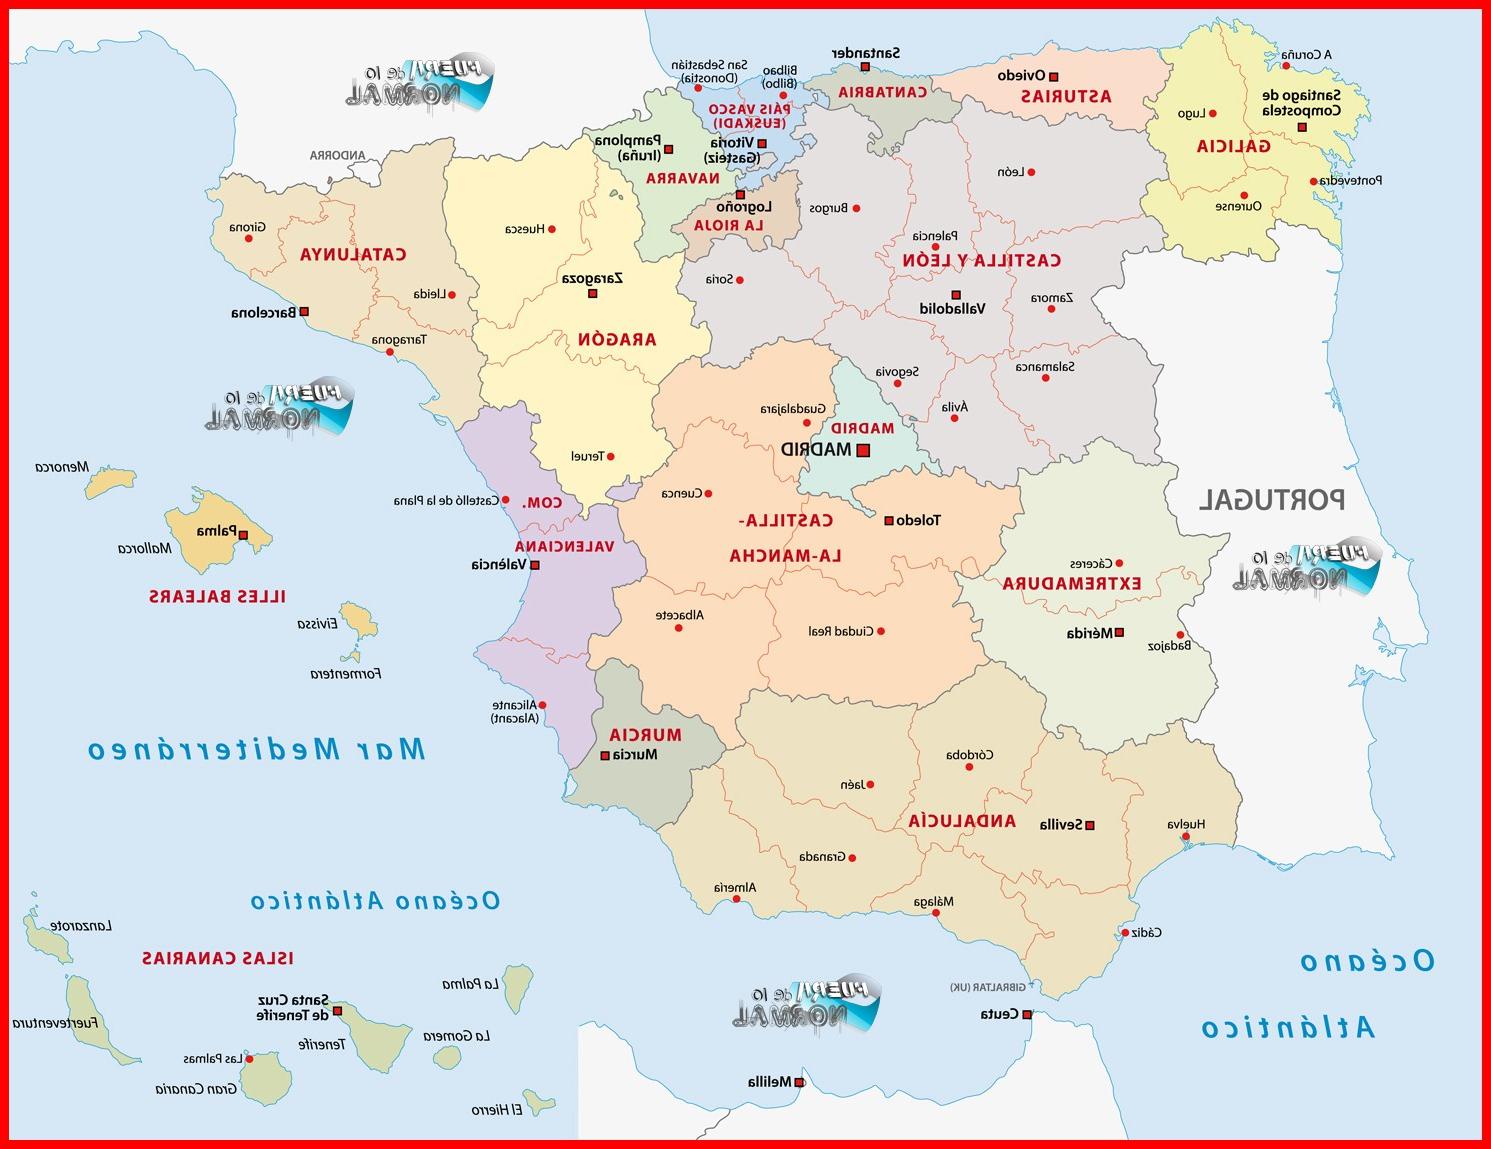 Tiendas De Muebles En Palencia Nkde Tiendas De Muebles En Palencia Palencia Muebles todo DiseO